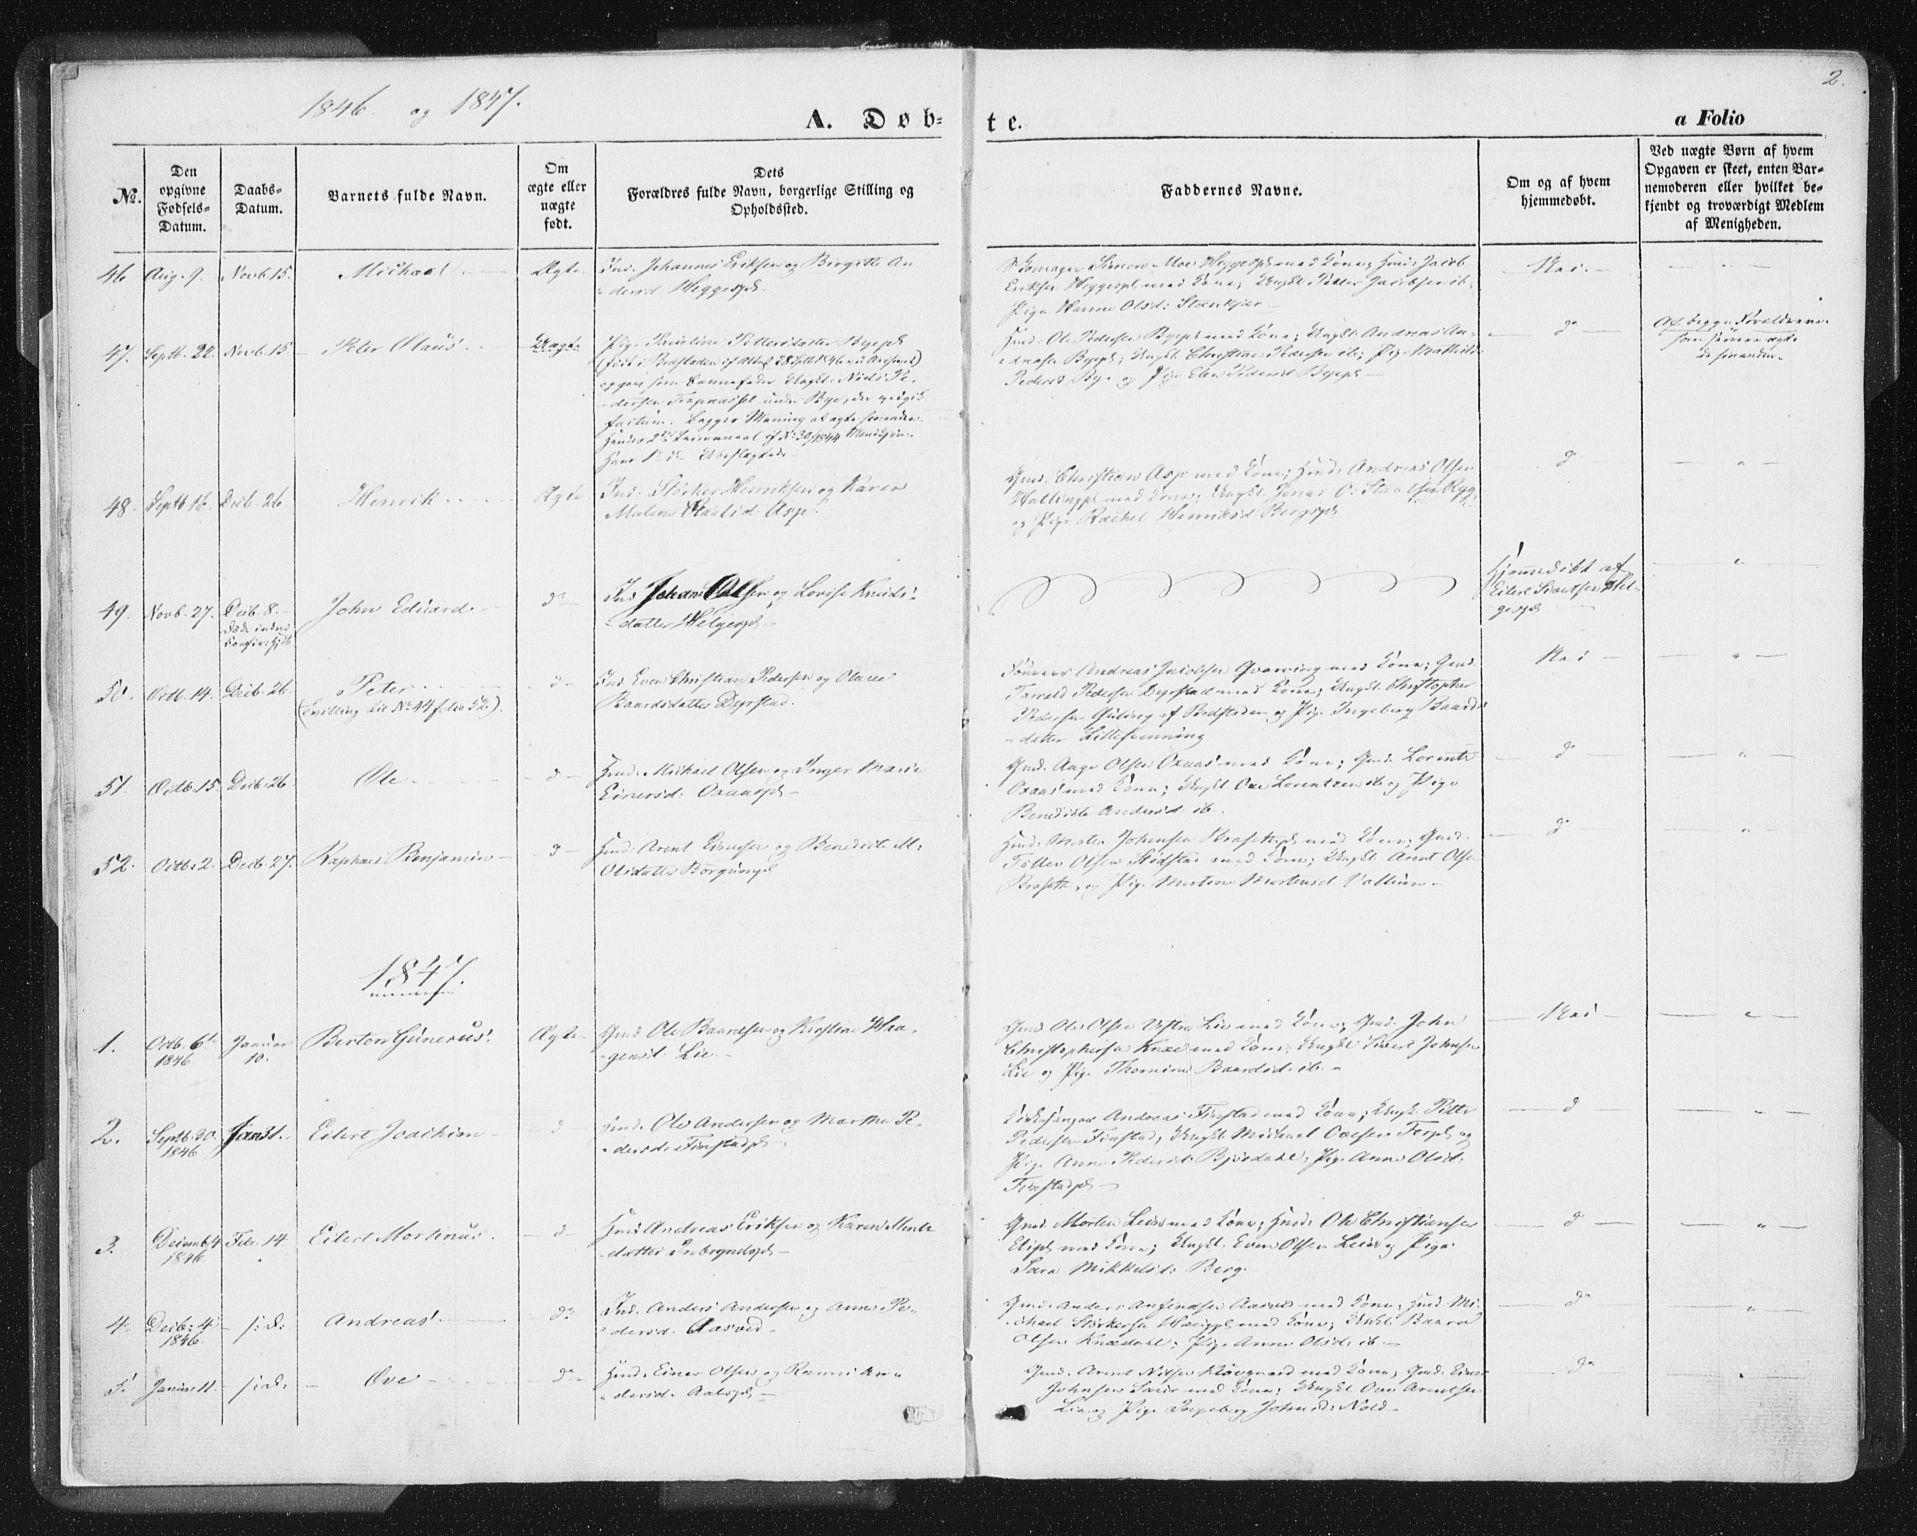 SAT, Ministerialprotokoller, klokkerbøker og fødselsregistre - Nord-Trøndelag, 746/L0446: Ministerialbok nr. 746A05, 1846-1859, s. 2